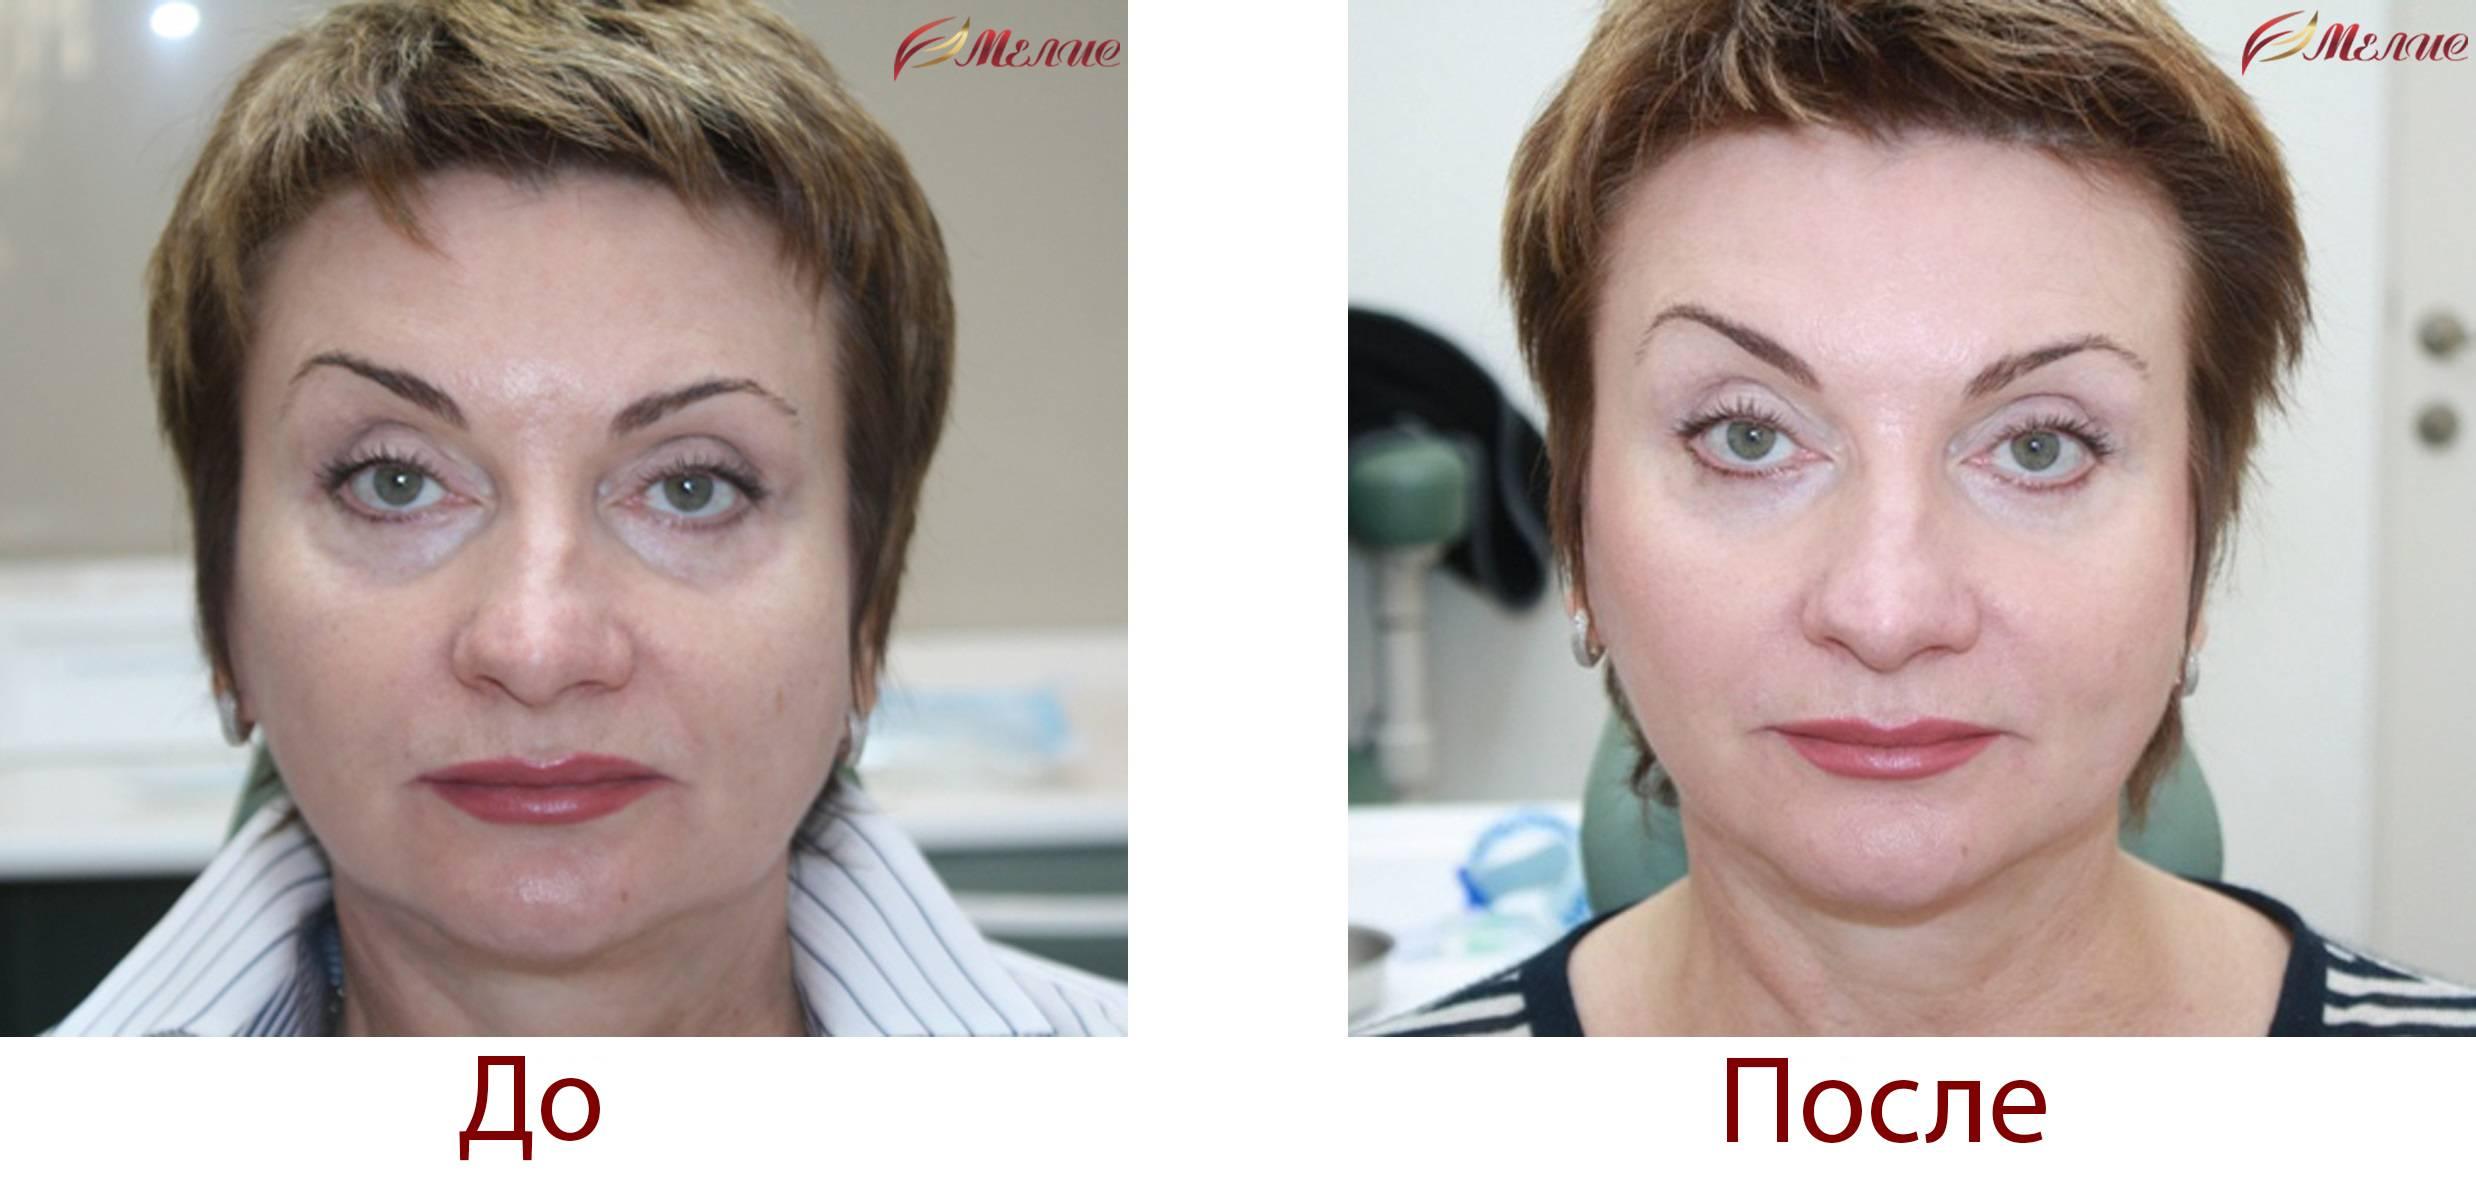 Процедура плазмолифтинг лица: плюсы и возможные последствия